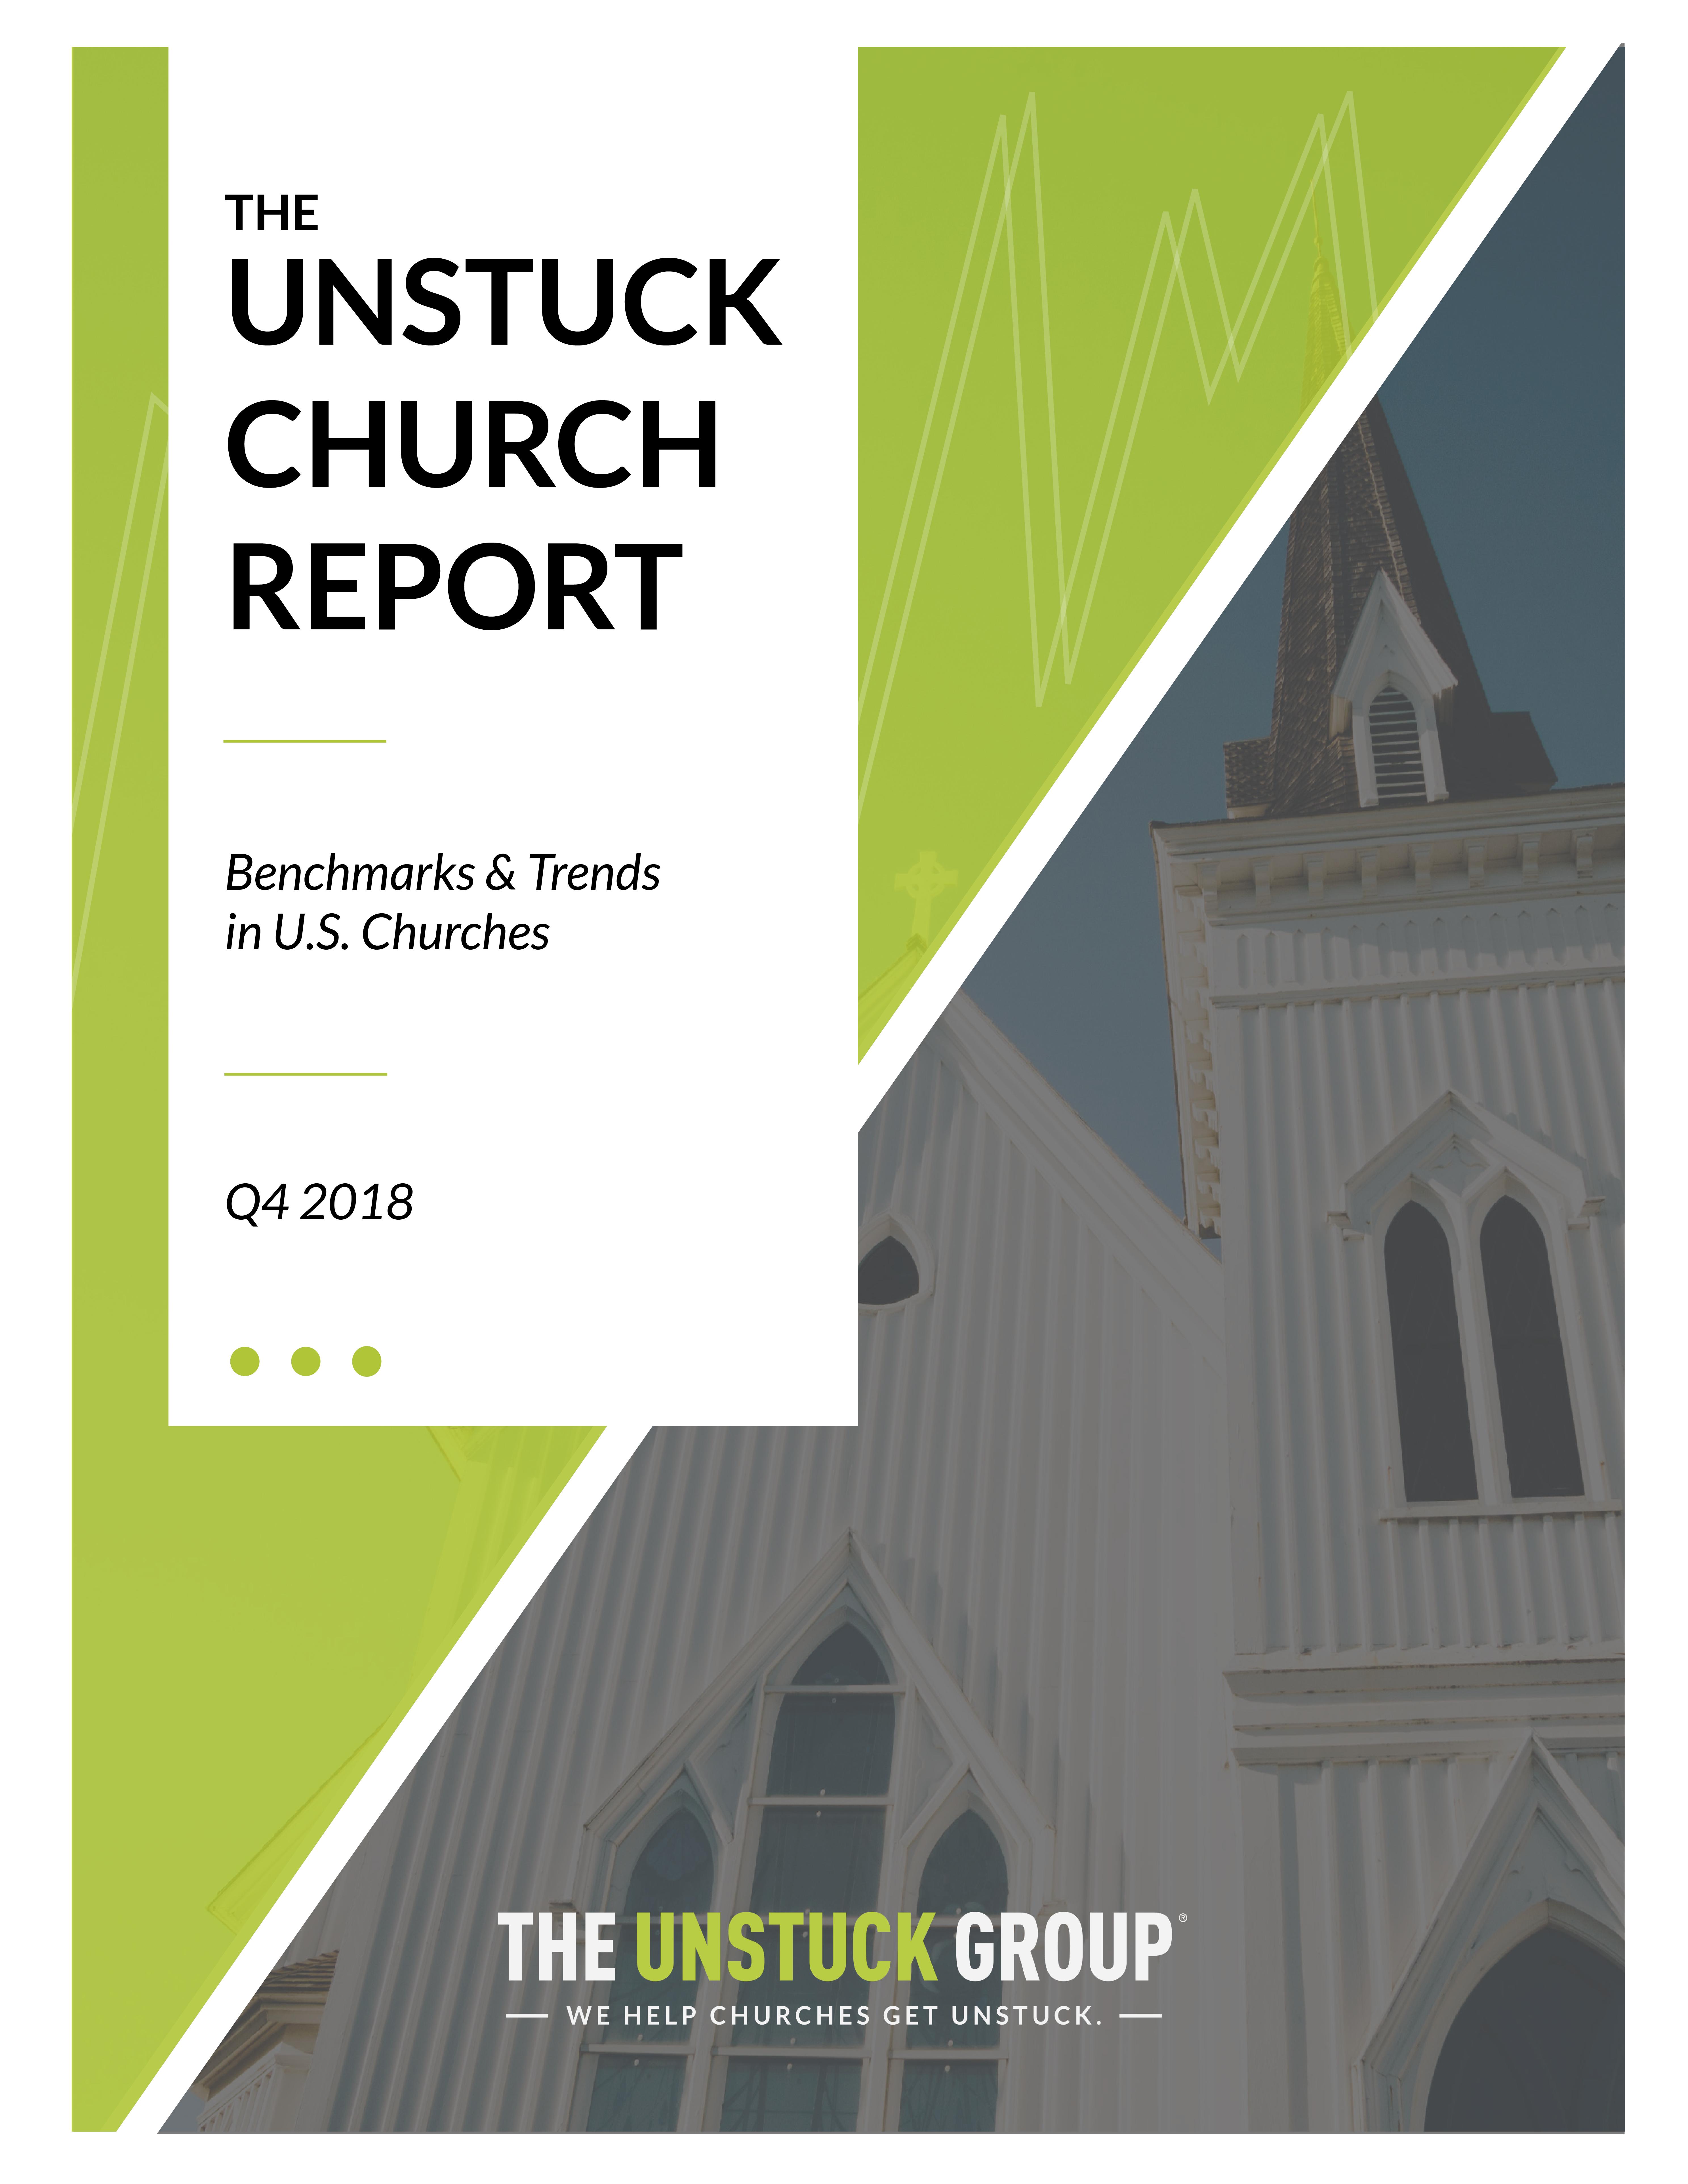 UnstuckChurchReport_Q4_2018_cover